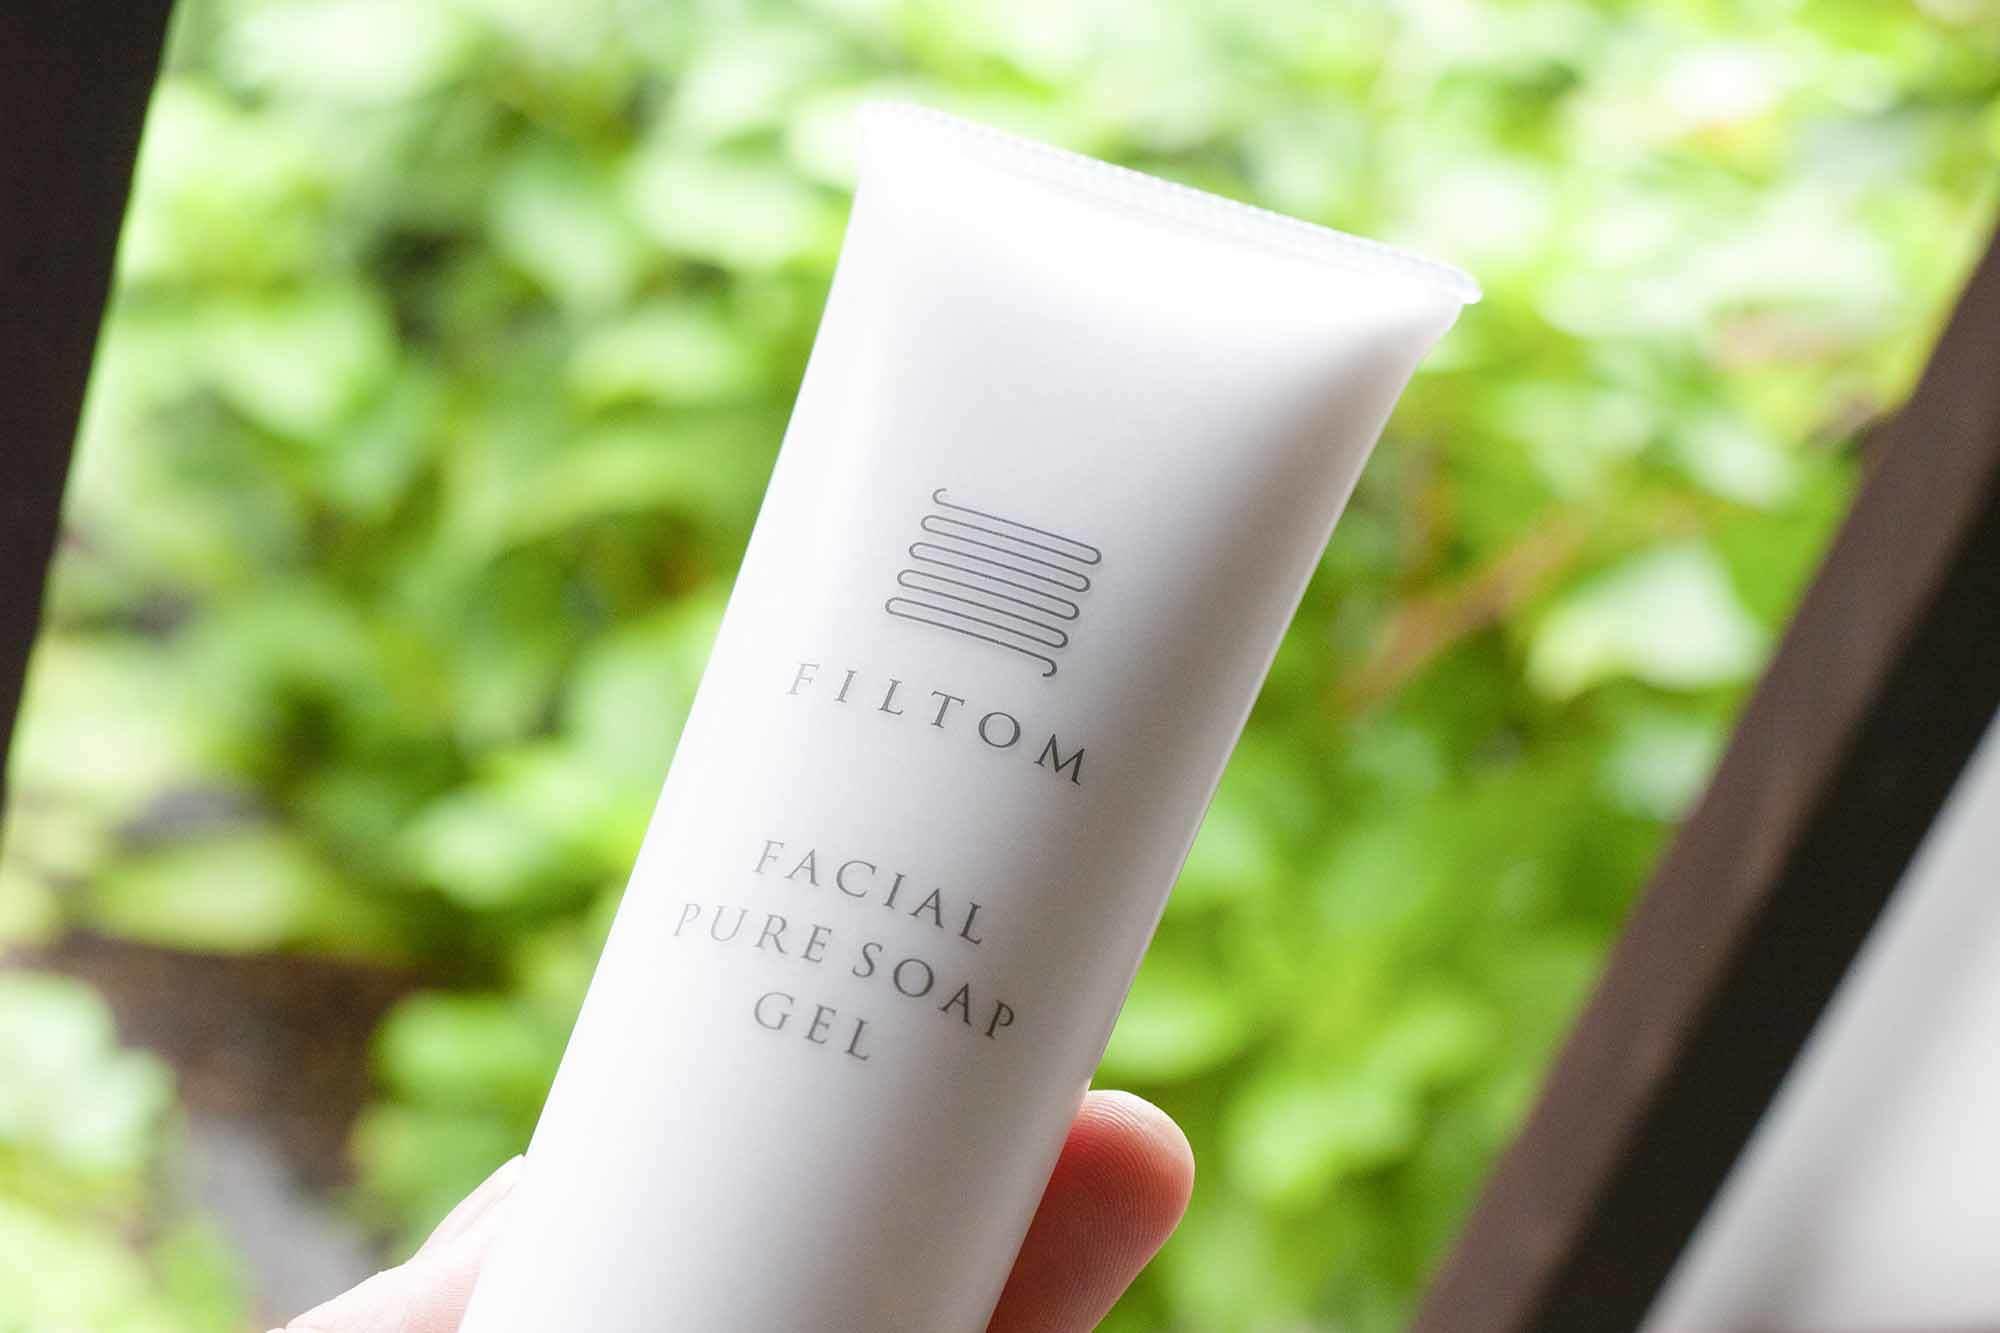 純石鹸ベース洗顔フォーム